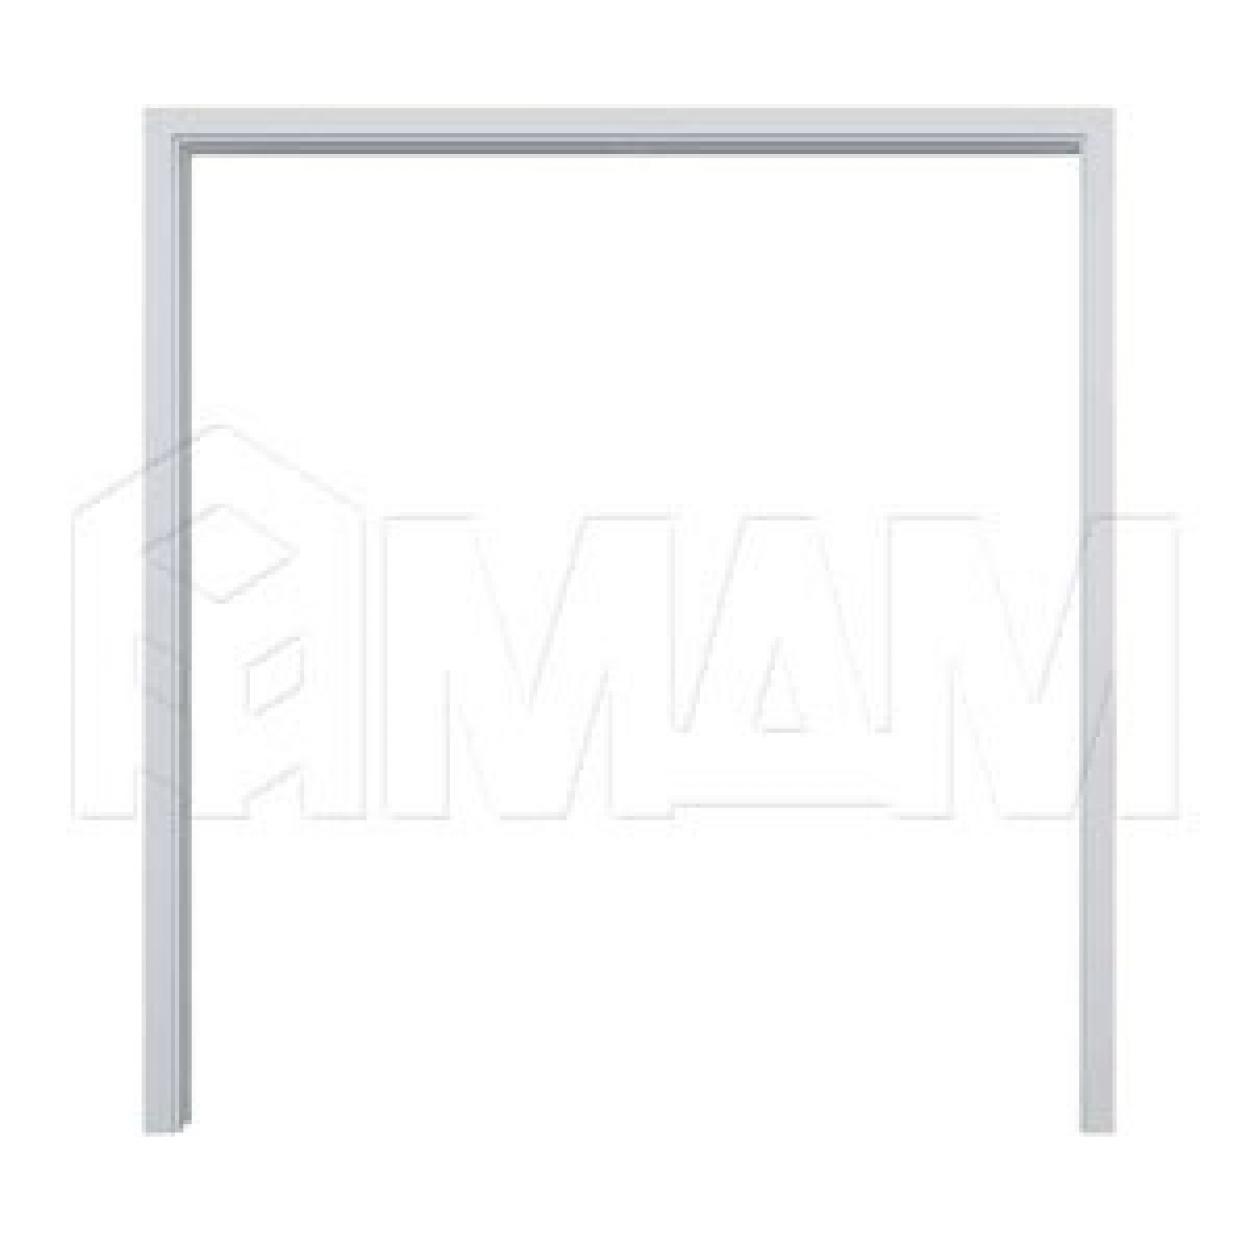 GUSTAVSON Рамка и наличники для двух дверей шириной 700 мм, толщина 125 мм, МДФ, белый